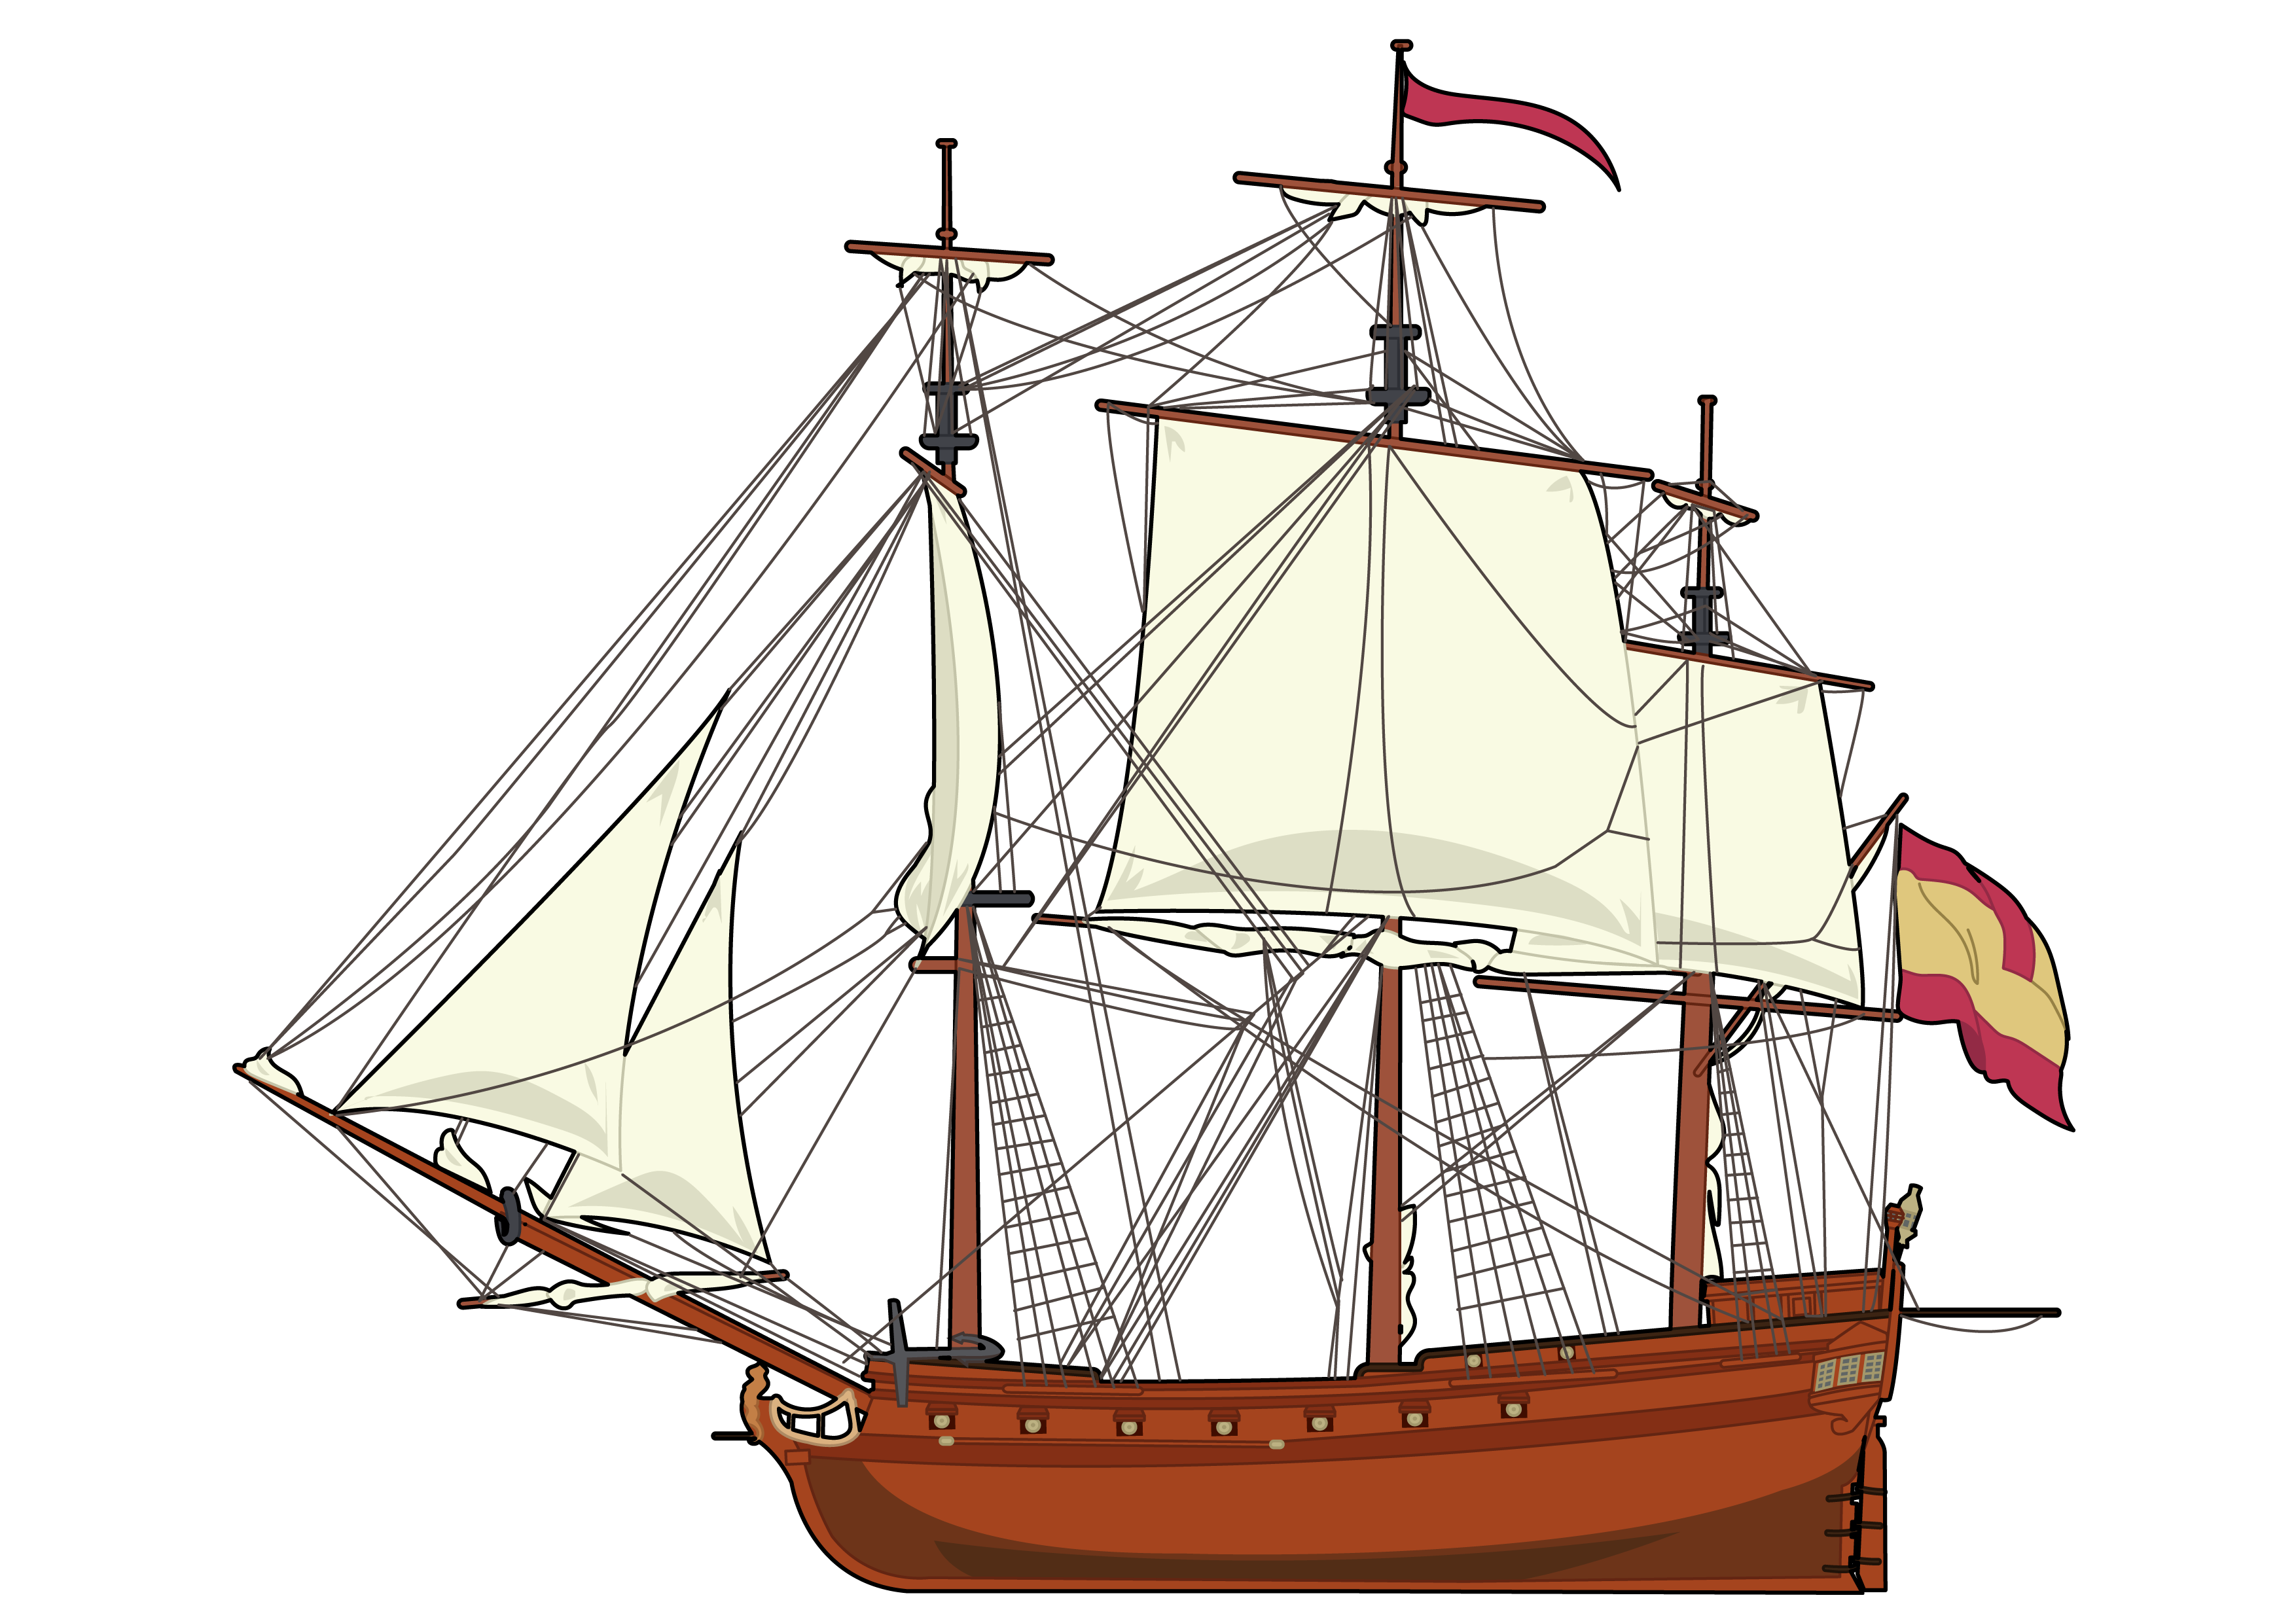 p>La+corbeta+es+un+buque+de+guerra+muy+similar+a+la+fragata+solo+que ...